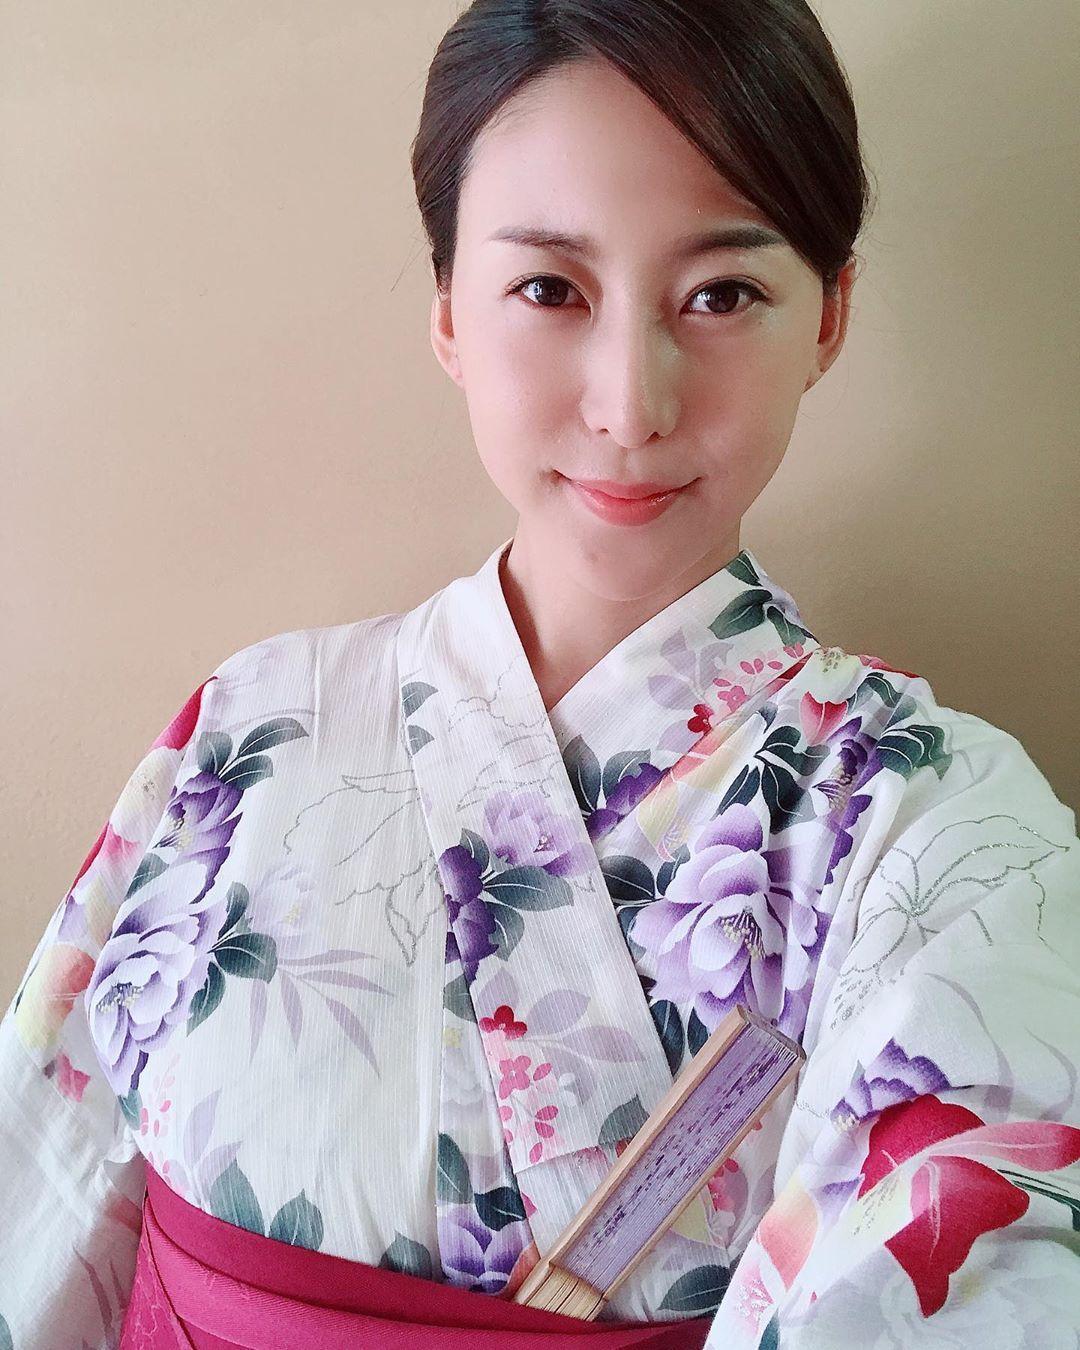 インスタ 松下 紗 栄子